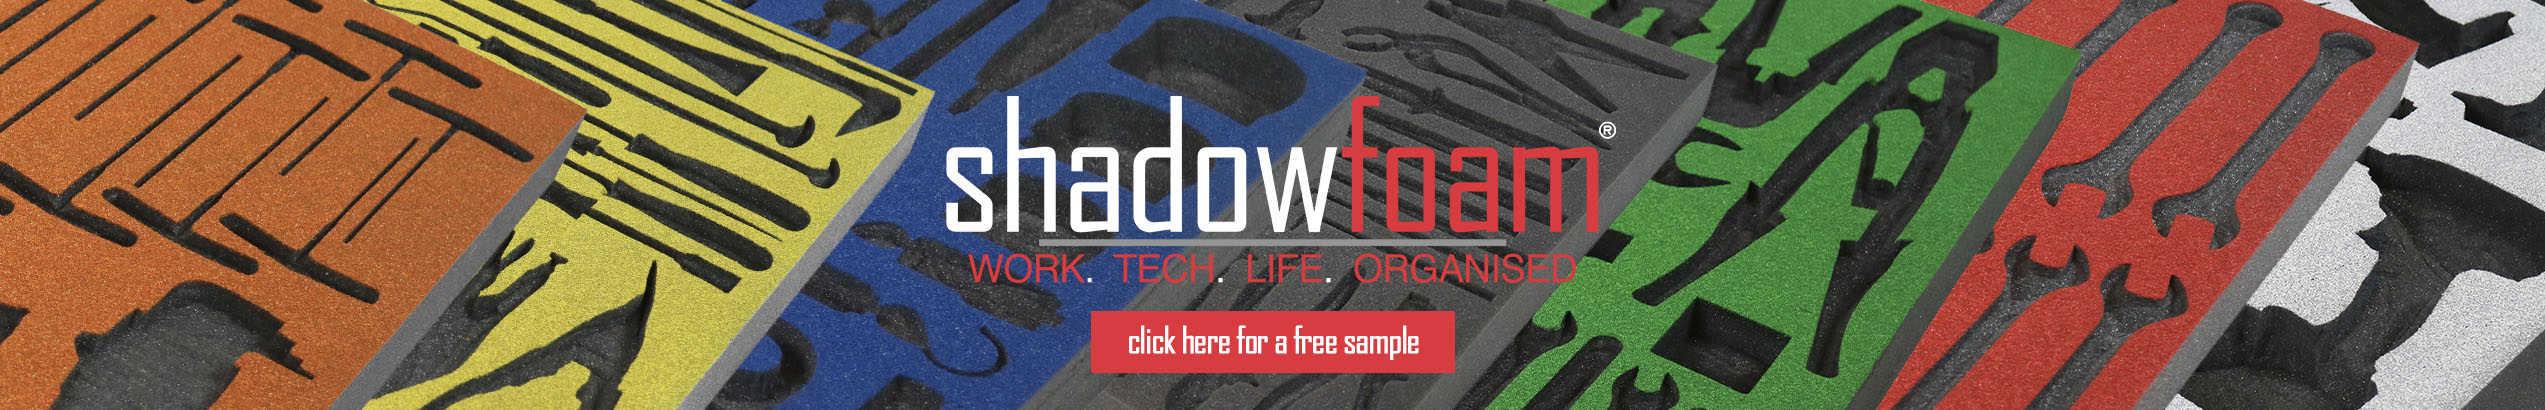 Shadow Foam website banner